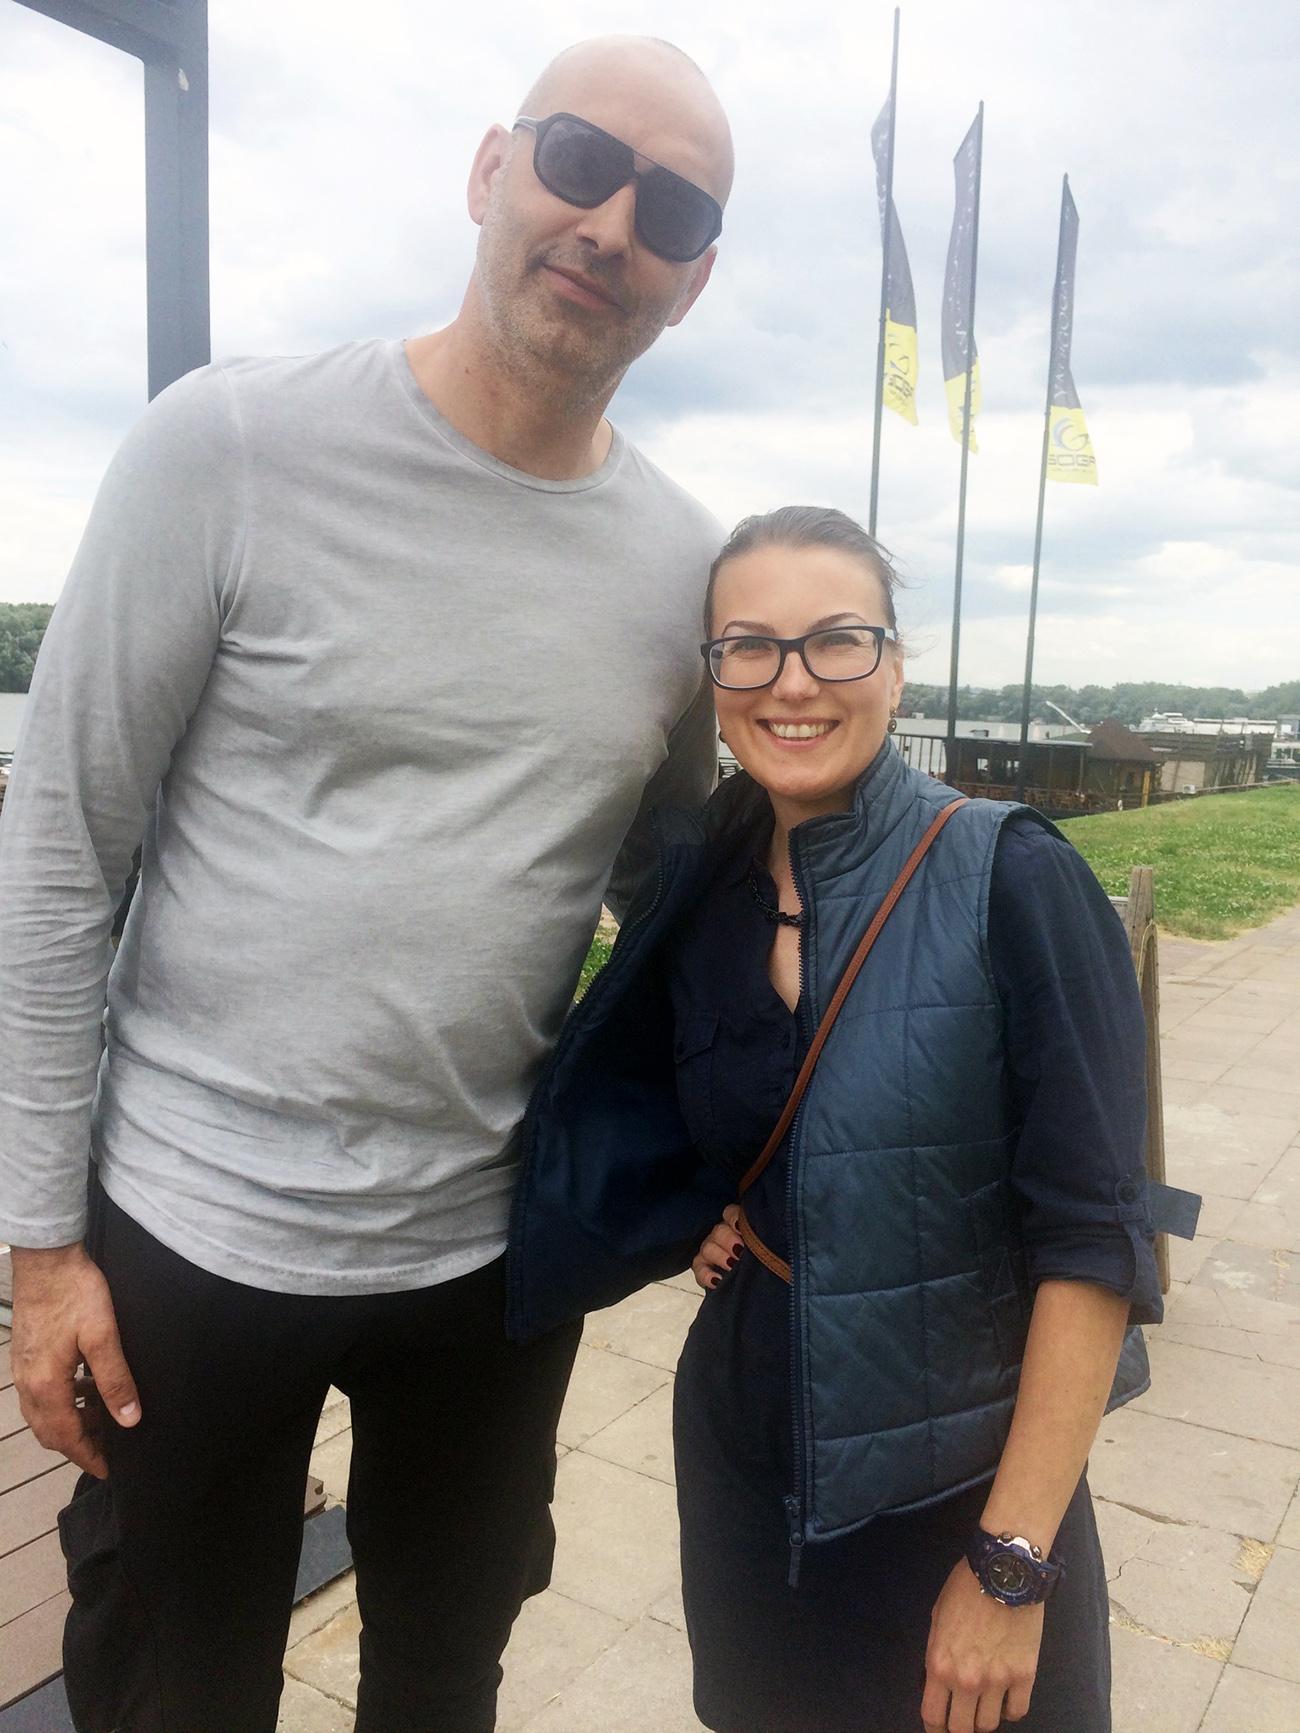 Зоран Лукић и Катарина Лане / Фото: К. Лане